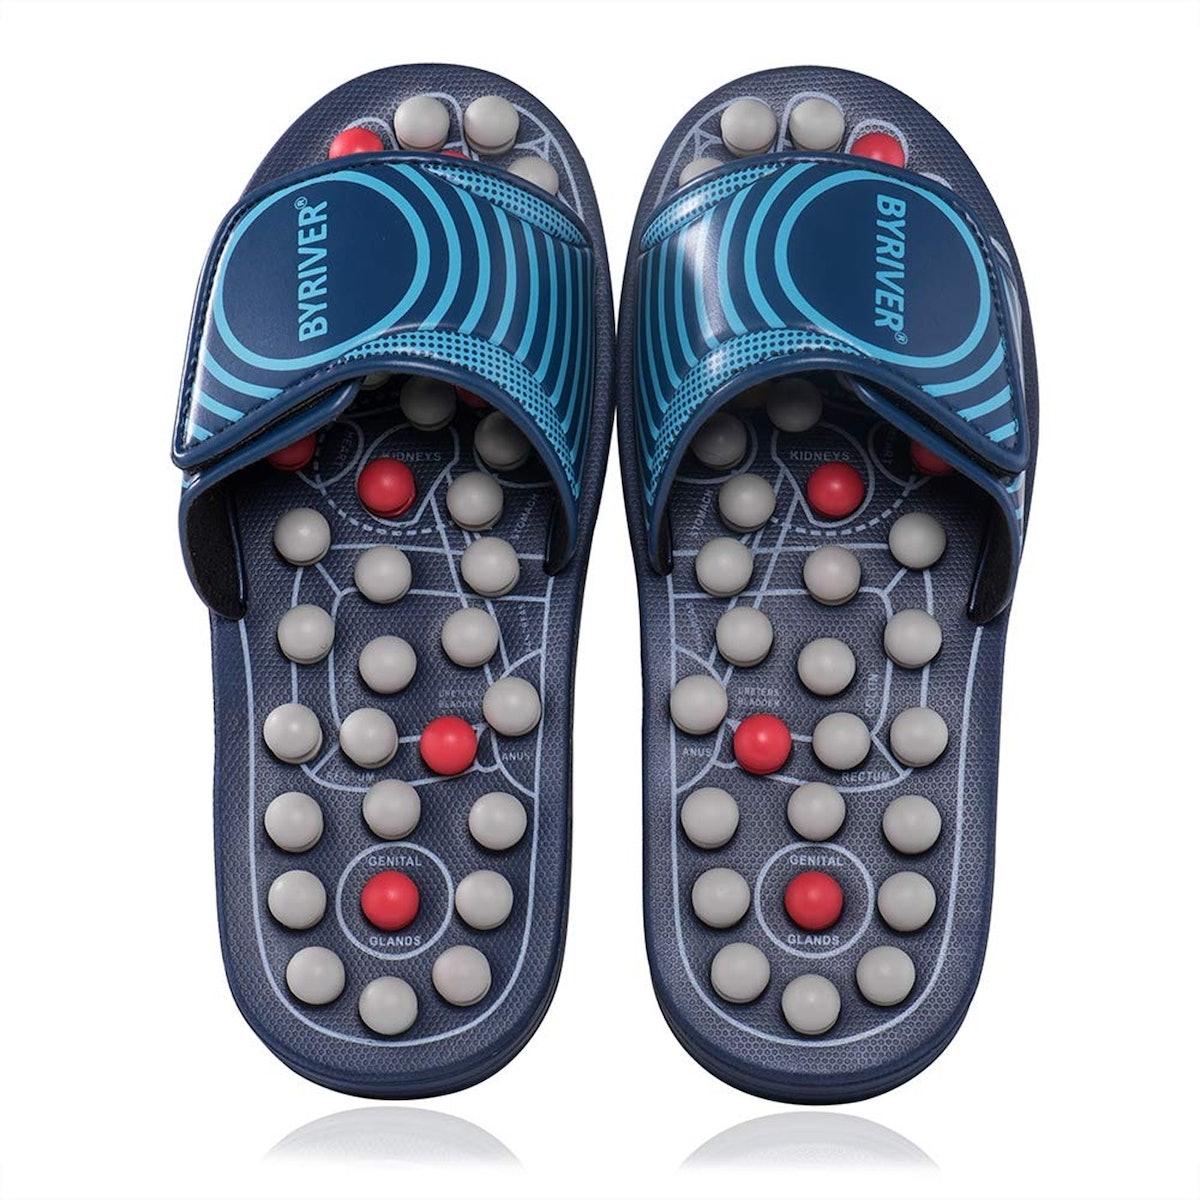 BYRIVER Reflexology Foot Massager